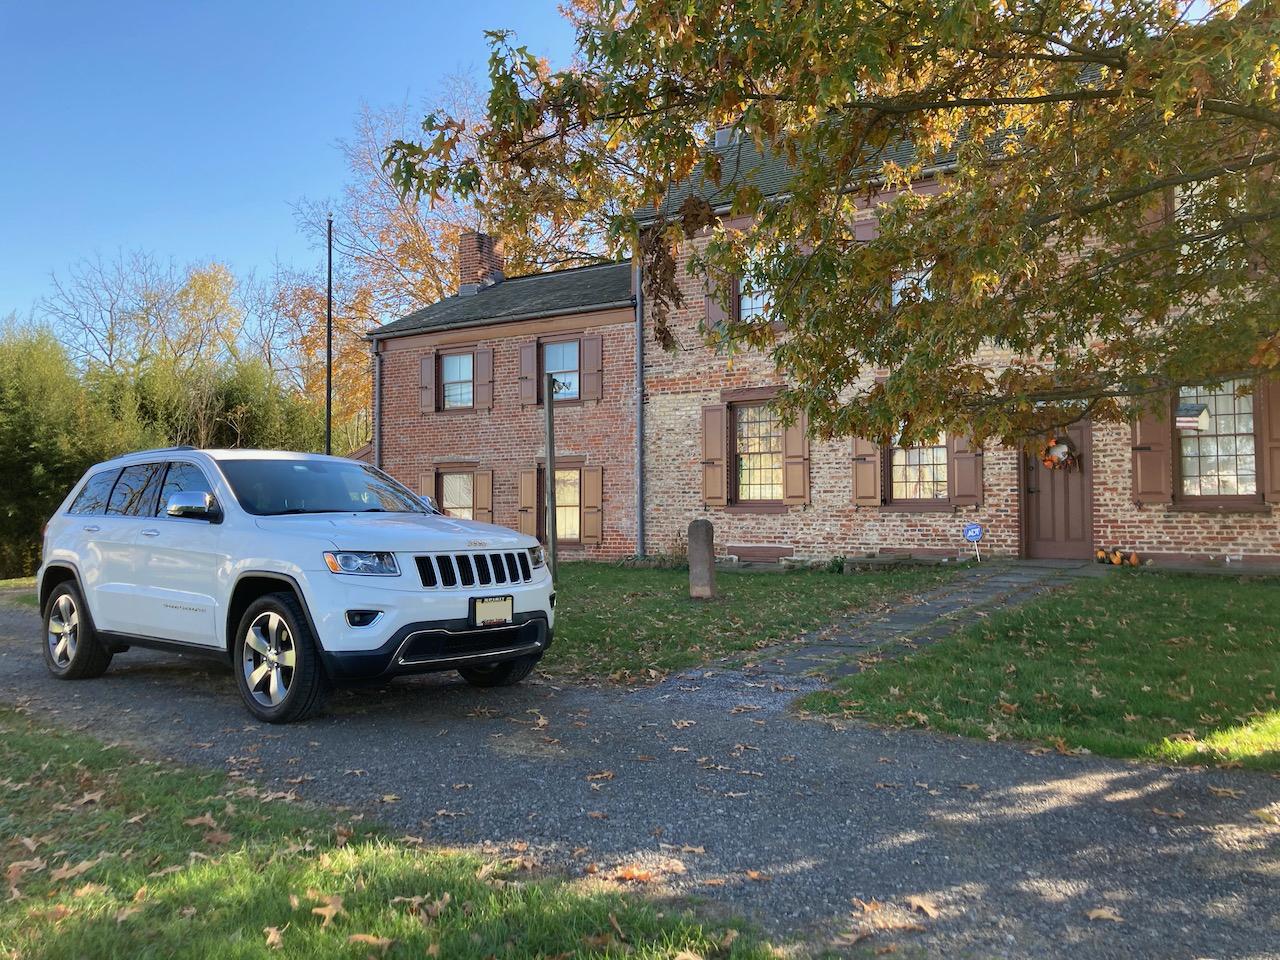 2014 Jeep Grand Cherokee parked in front of Van Veghten House.